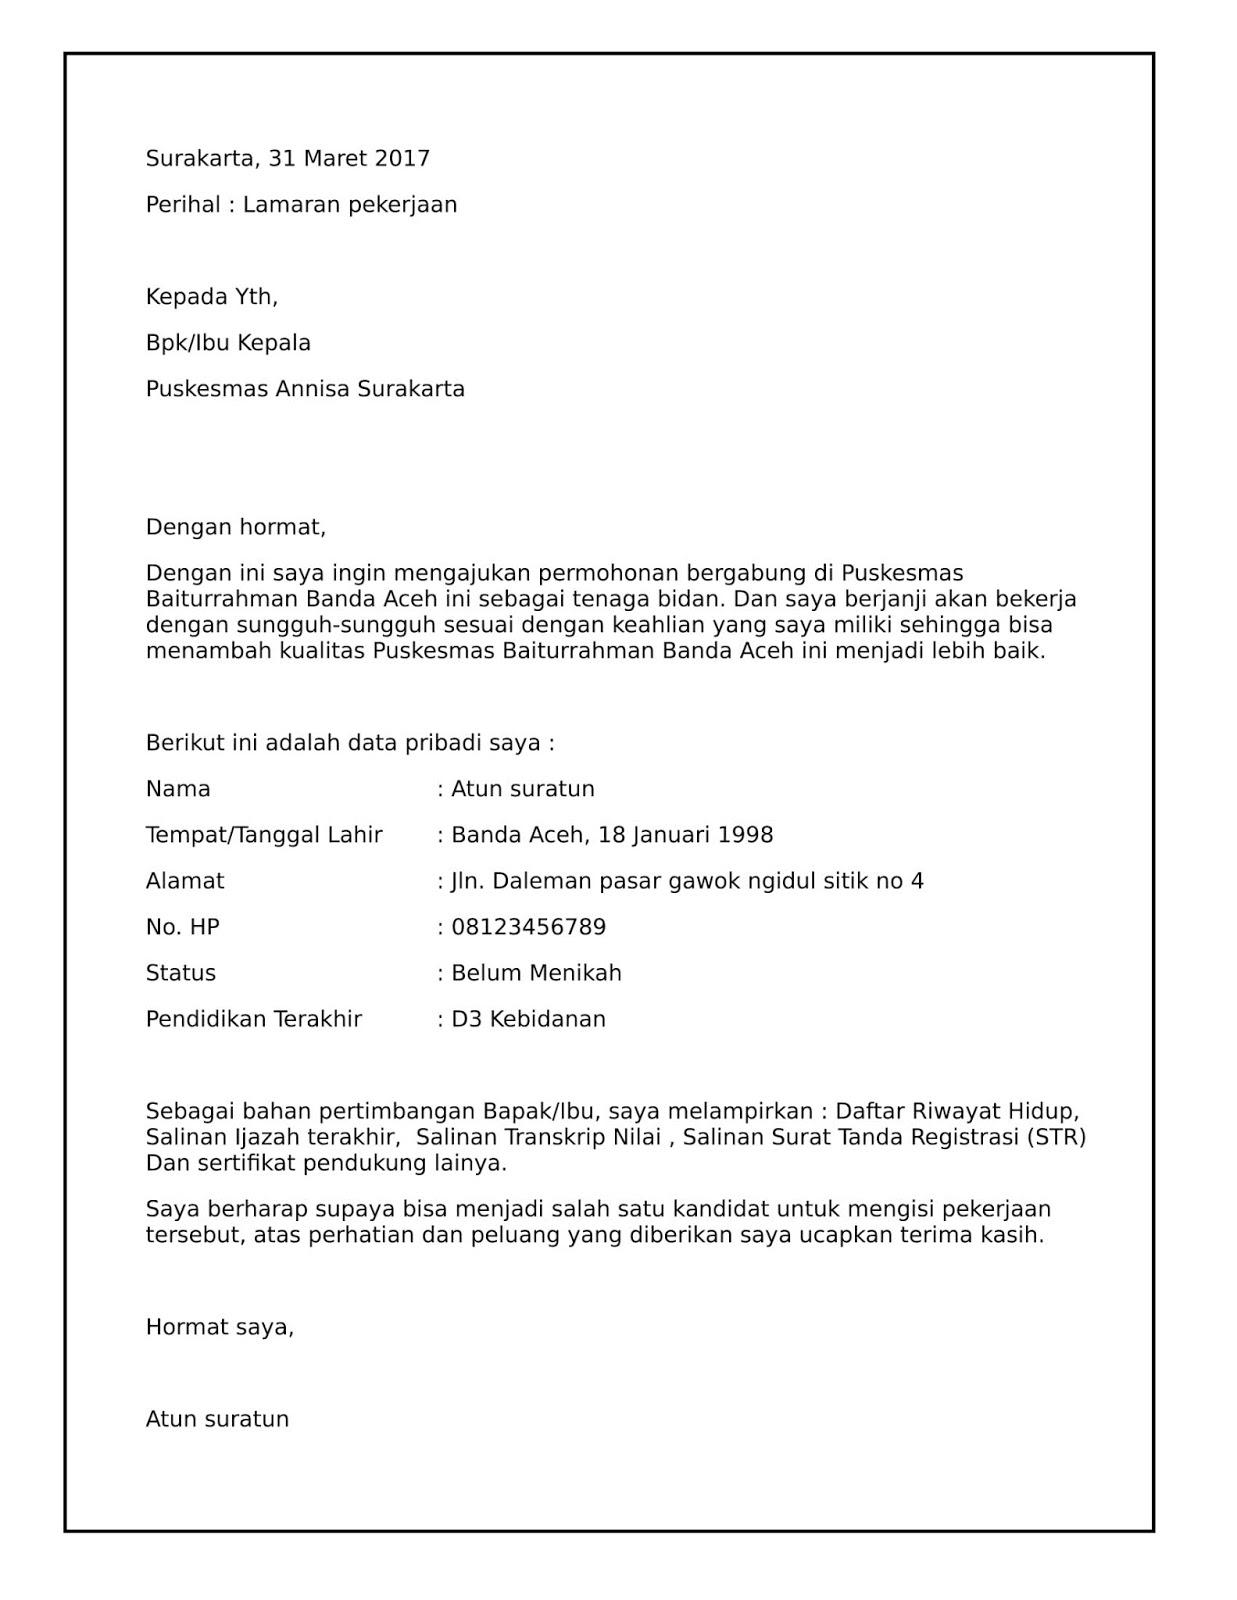 Top Five Contoh Cv Lamaran Kerja Bidan Fresh Graduate Circus